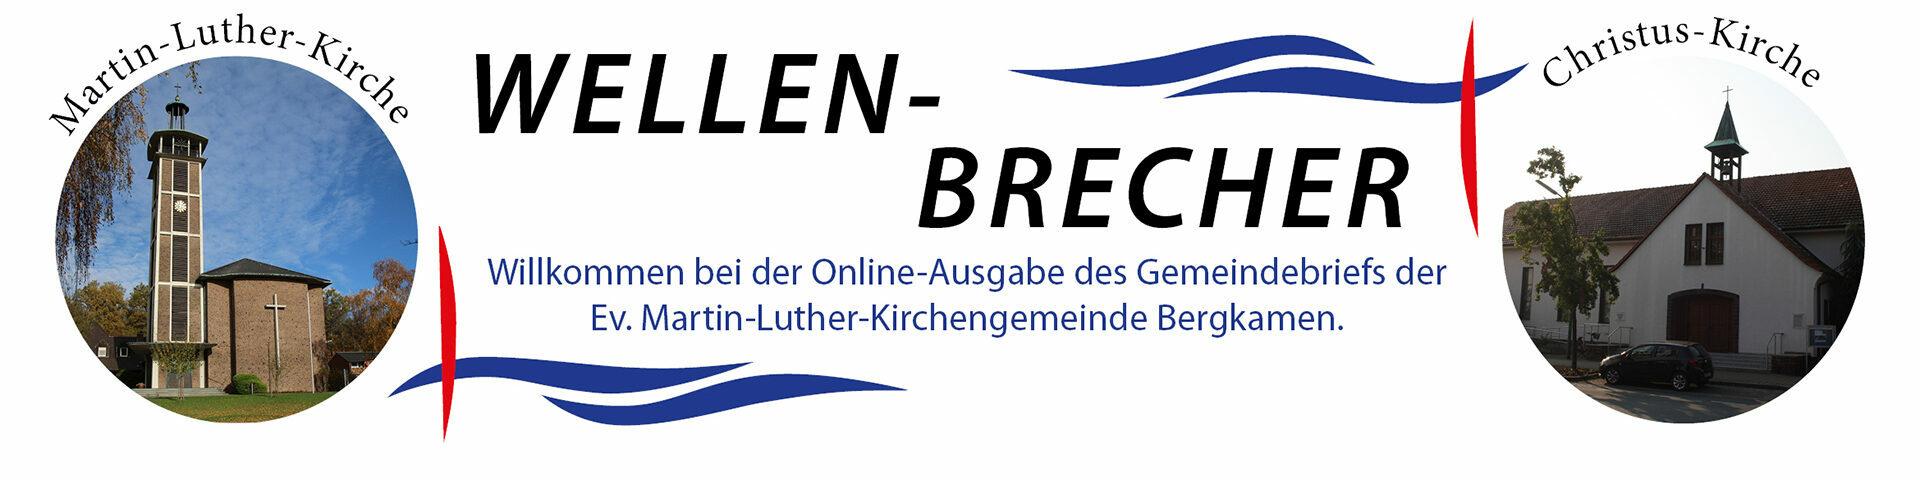 Wellenbrecher der Ev.-Martin-Luther-Kirchengemeinde Bergkamen